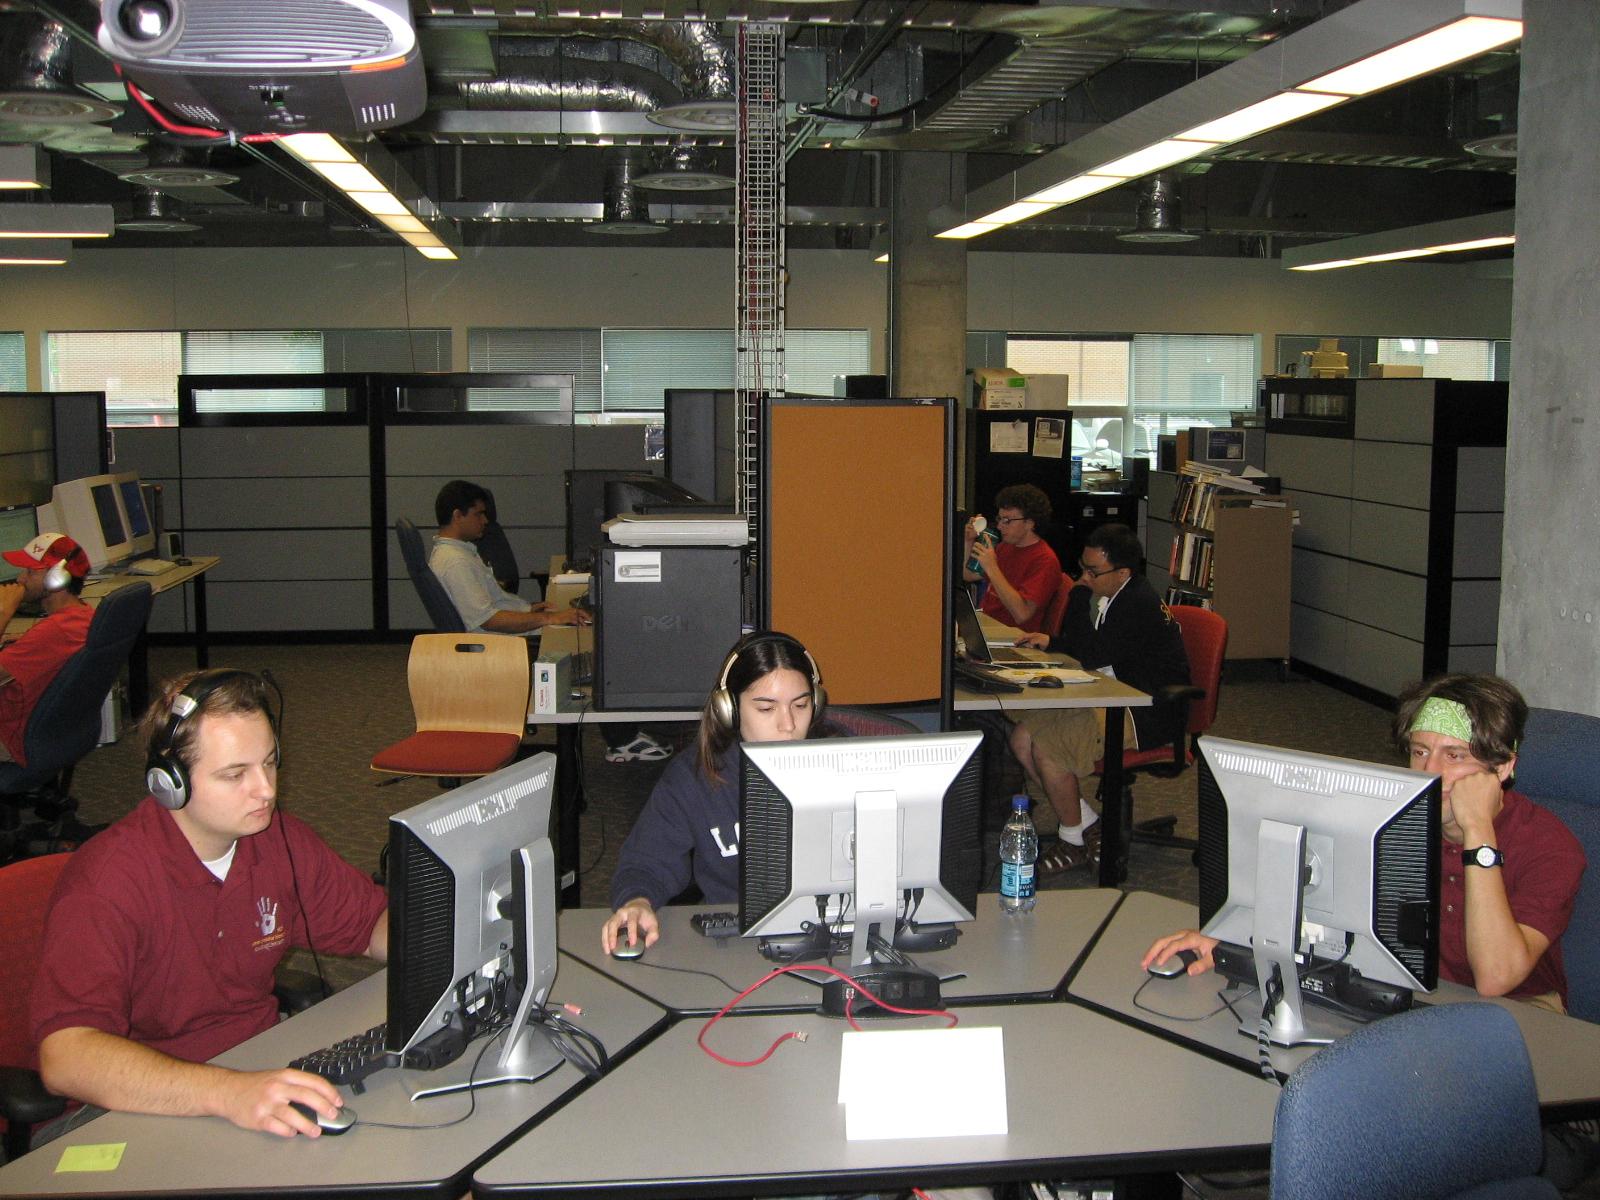 Vrac virtual reality applications center home design for Home design 9app